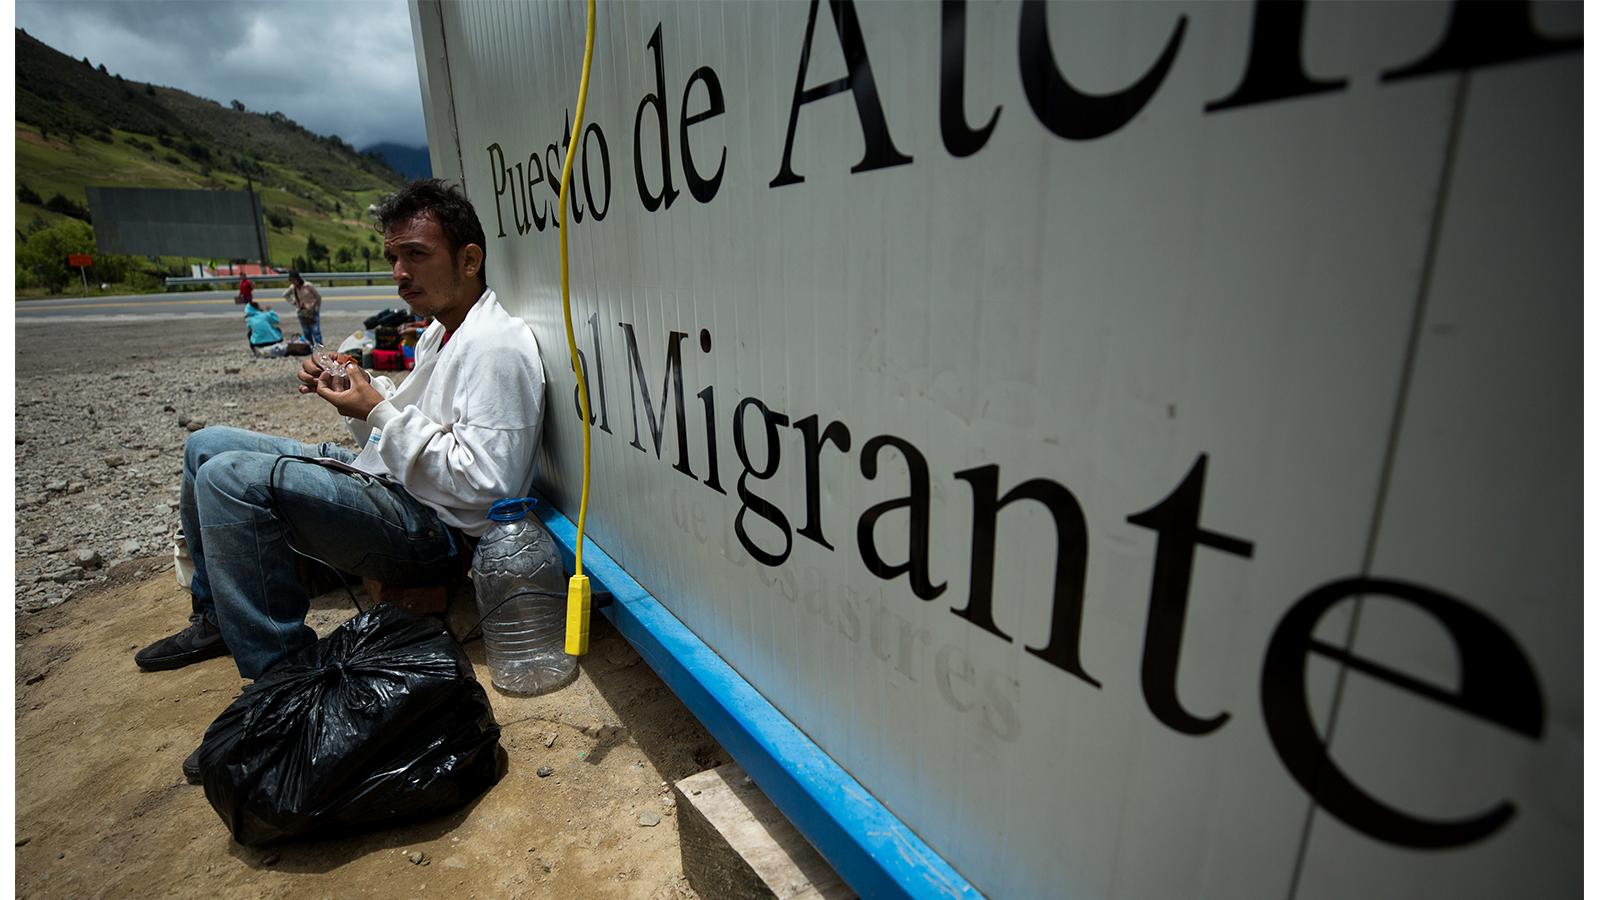 Cerrar la puerta no funciona: el mito del efecto llamada en la migración